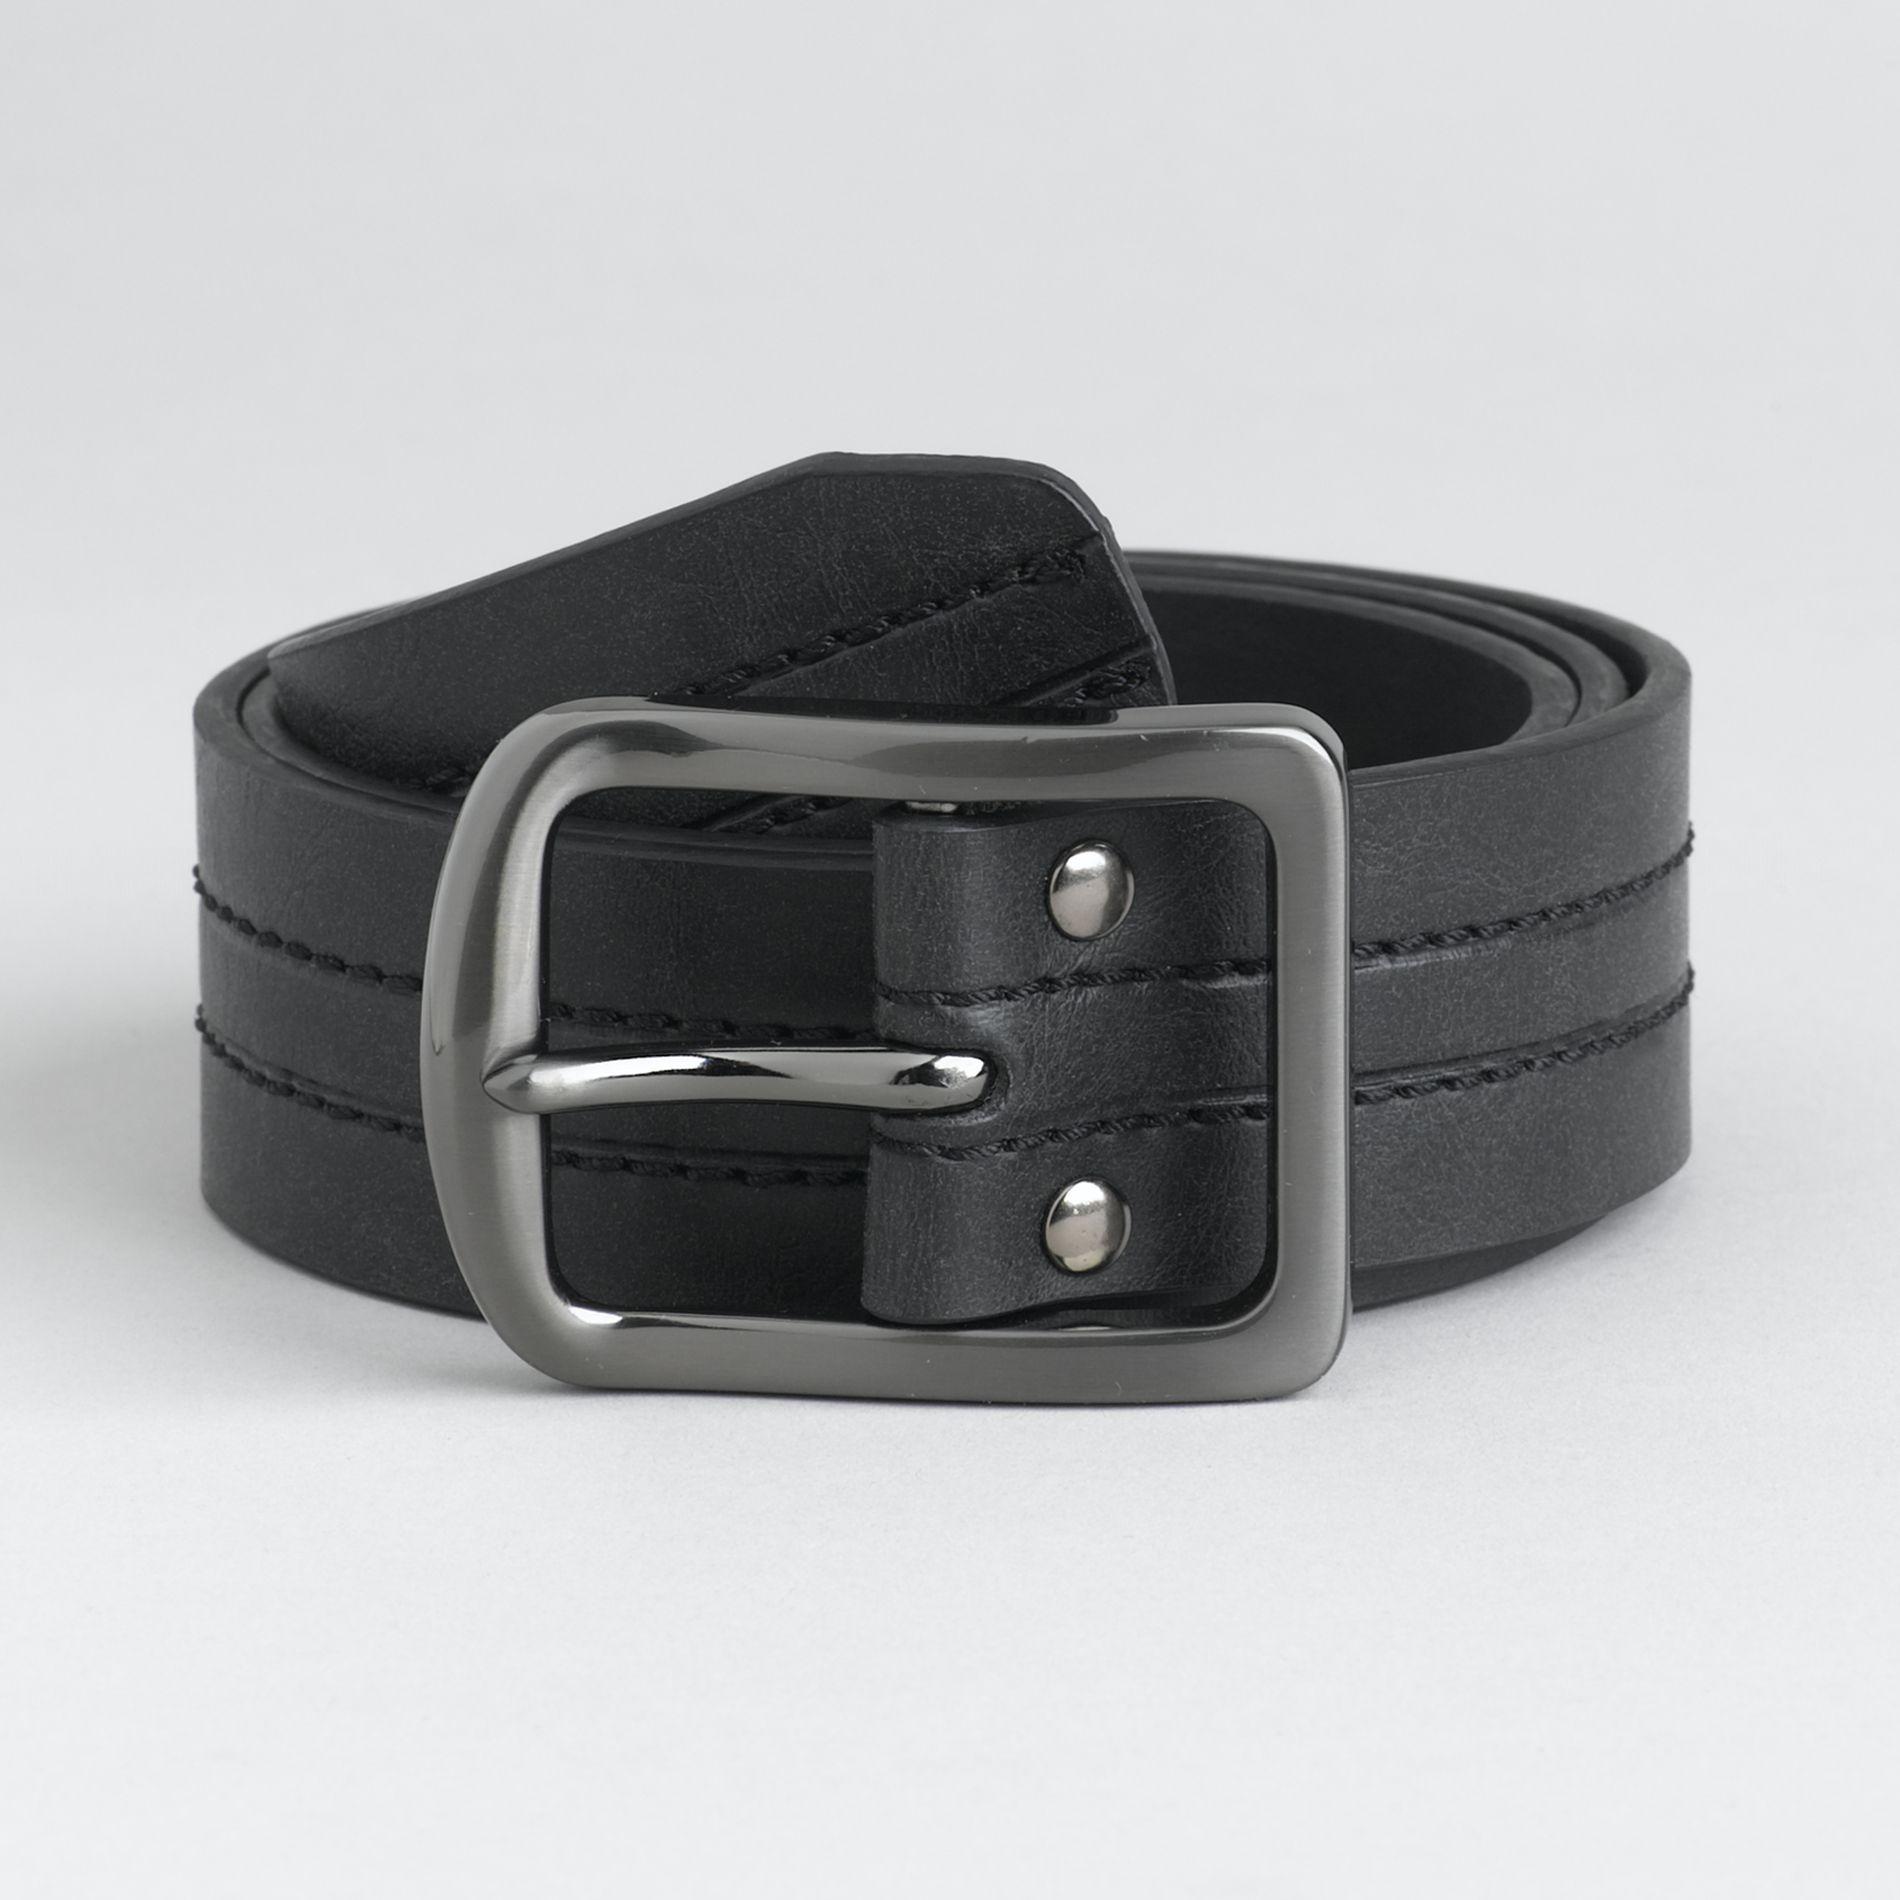 Genuine Dickies Men's Casual Leather Belt